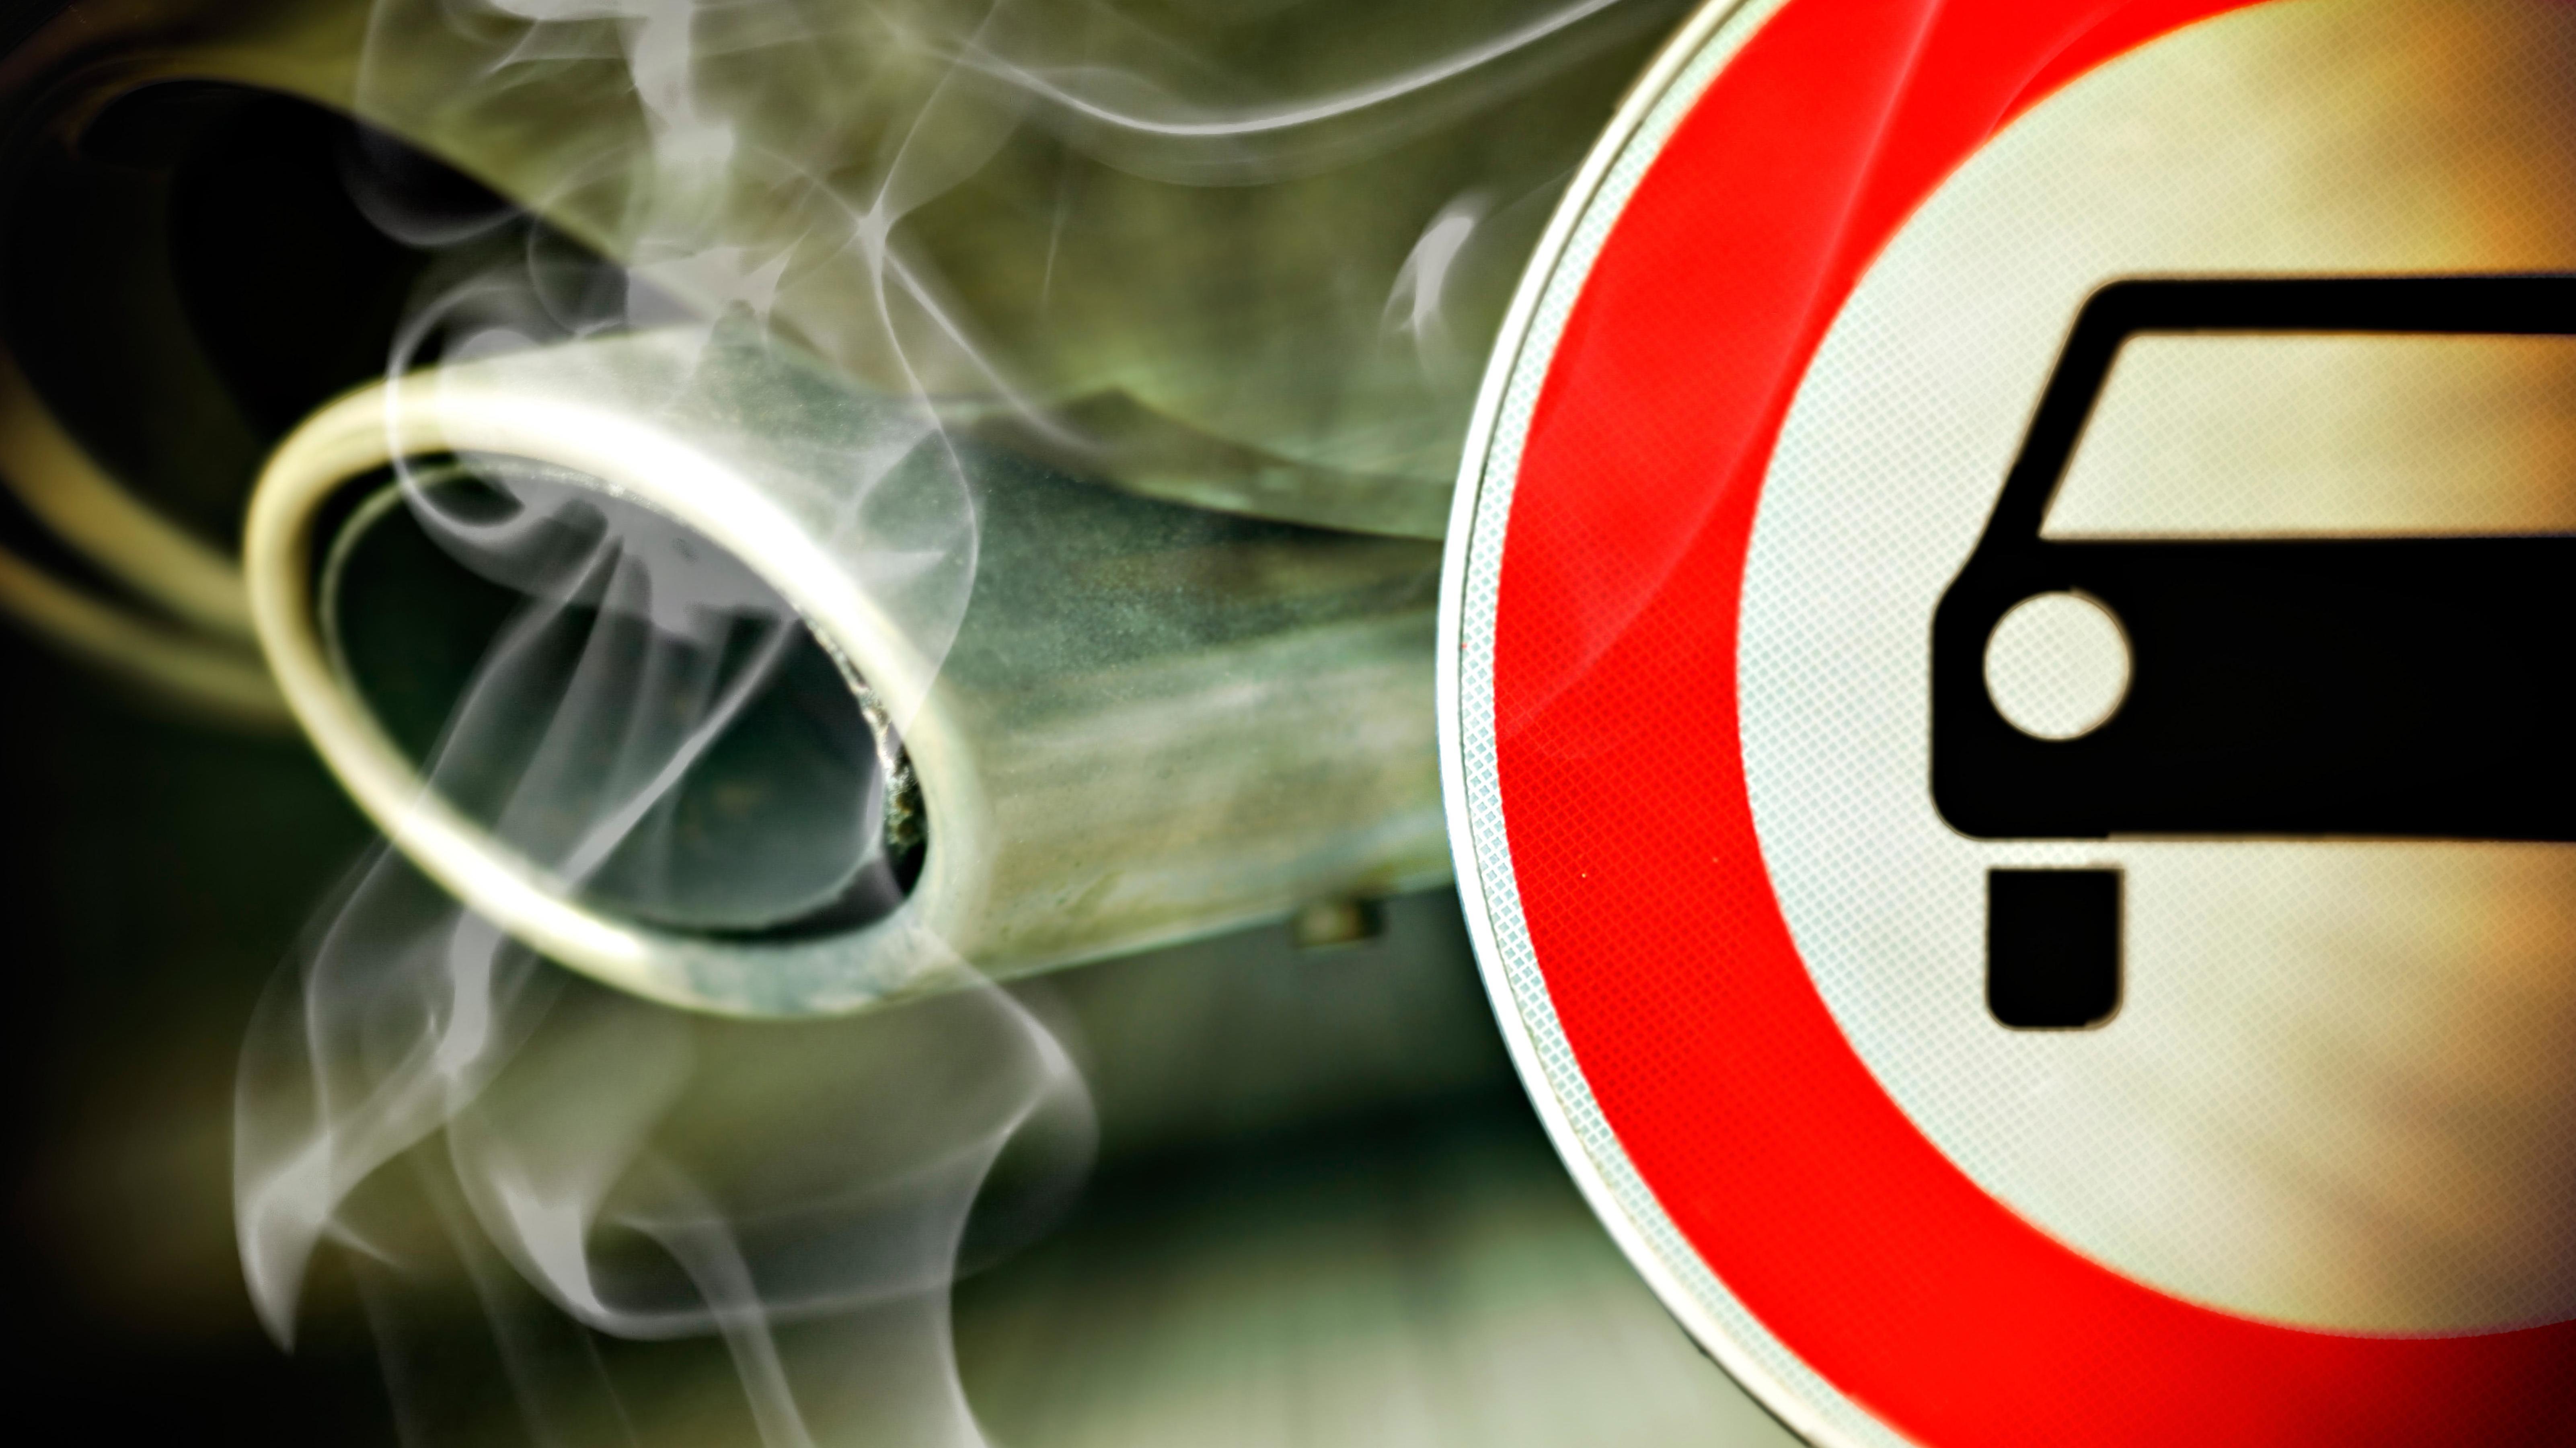 Verbotsschild und Autoauspuff mit Abgasen